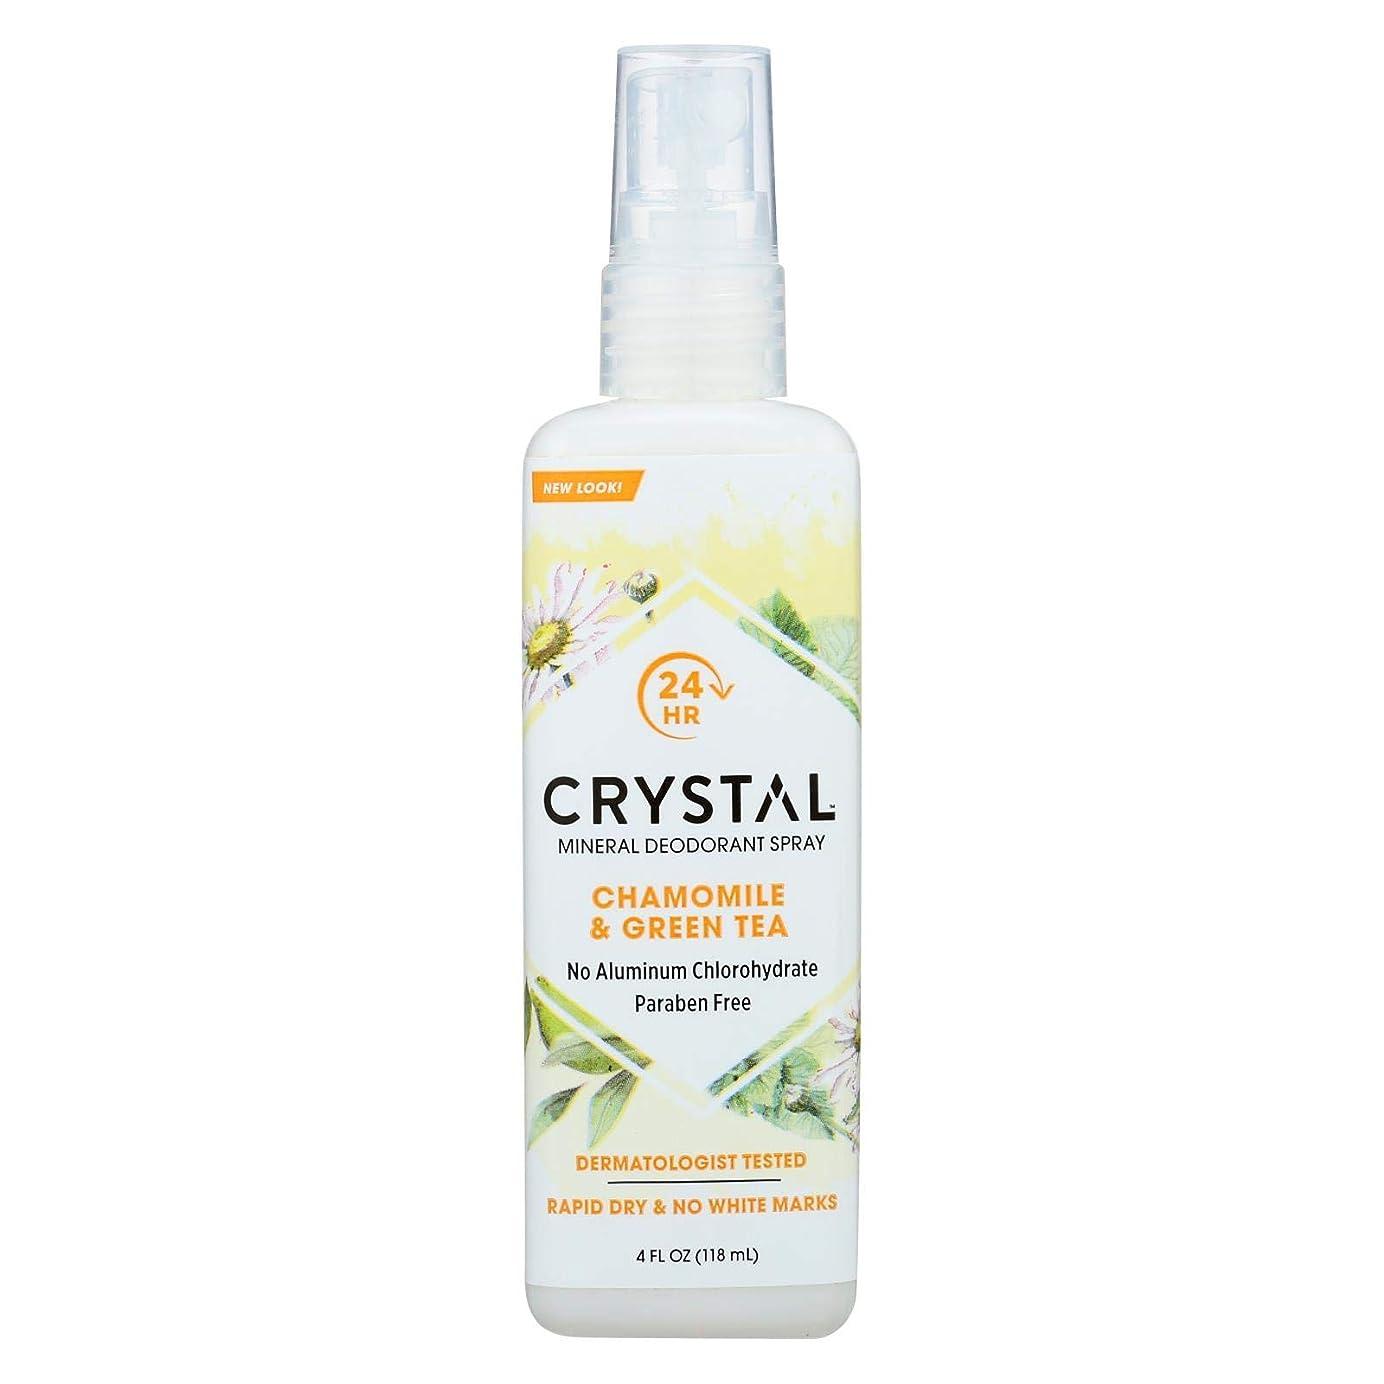 国旗ホイストかもしれないCrystal Body Deodorant - 水晶本質のフランスの運輸Chamomile及び緑茶によるミネラル防臭剤ボディスプレー - 4ポンド